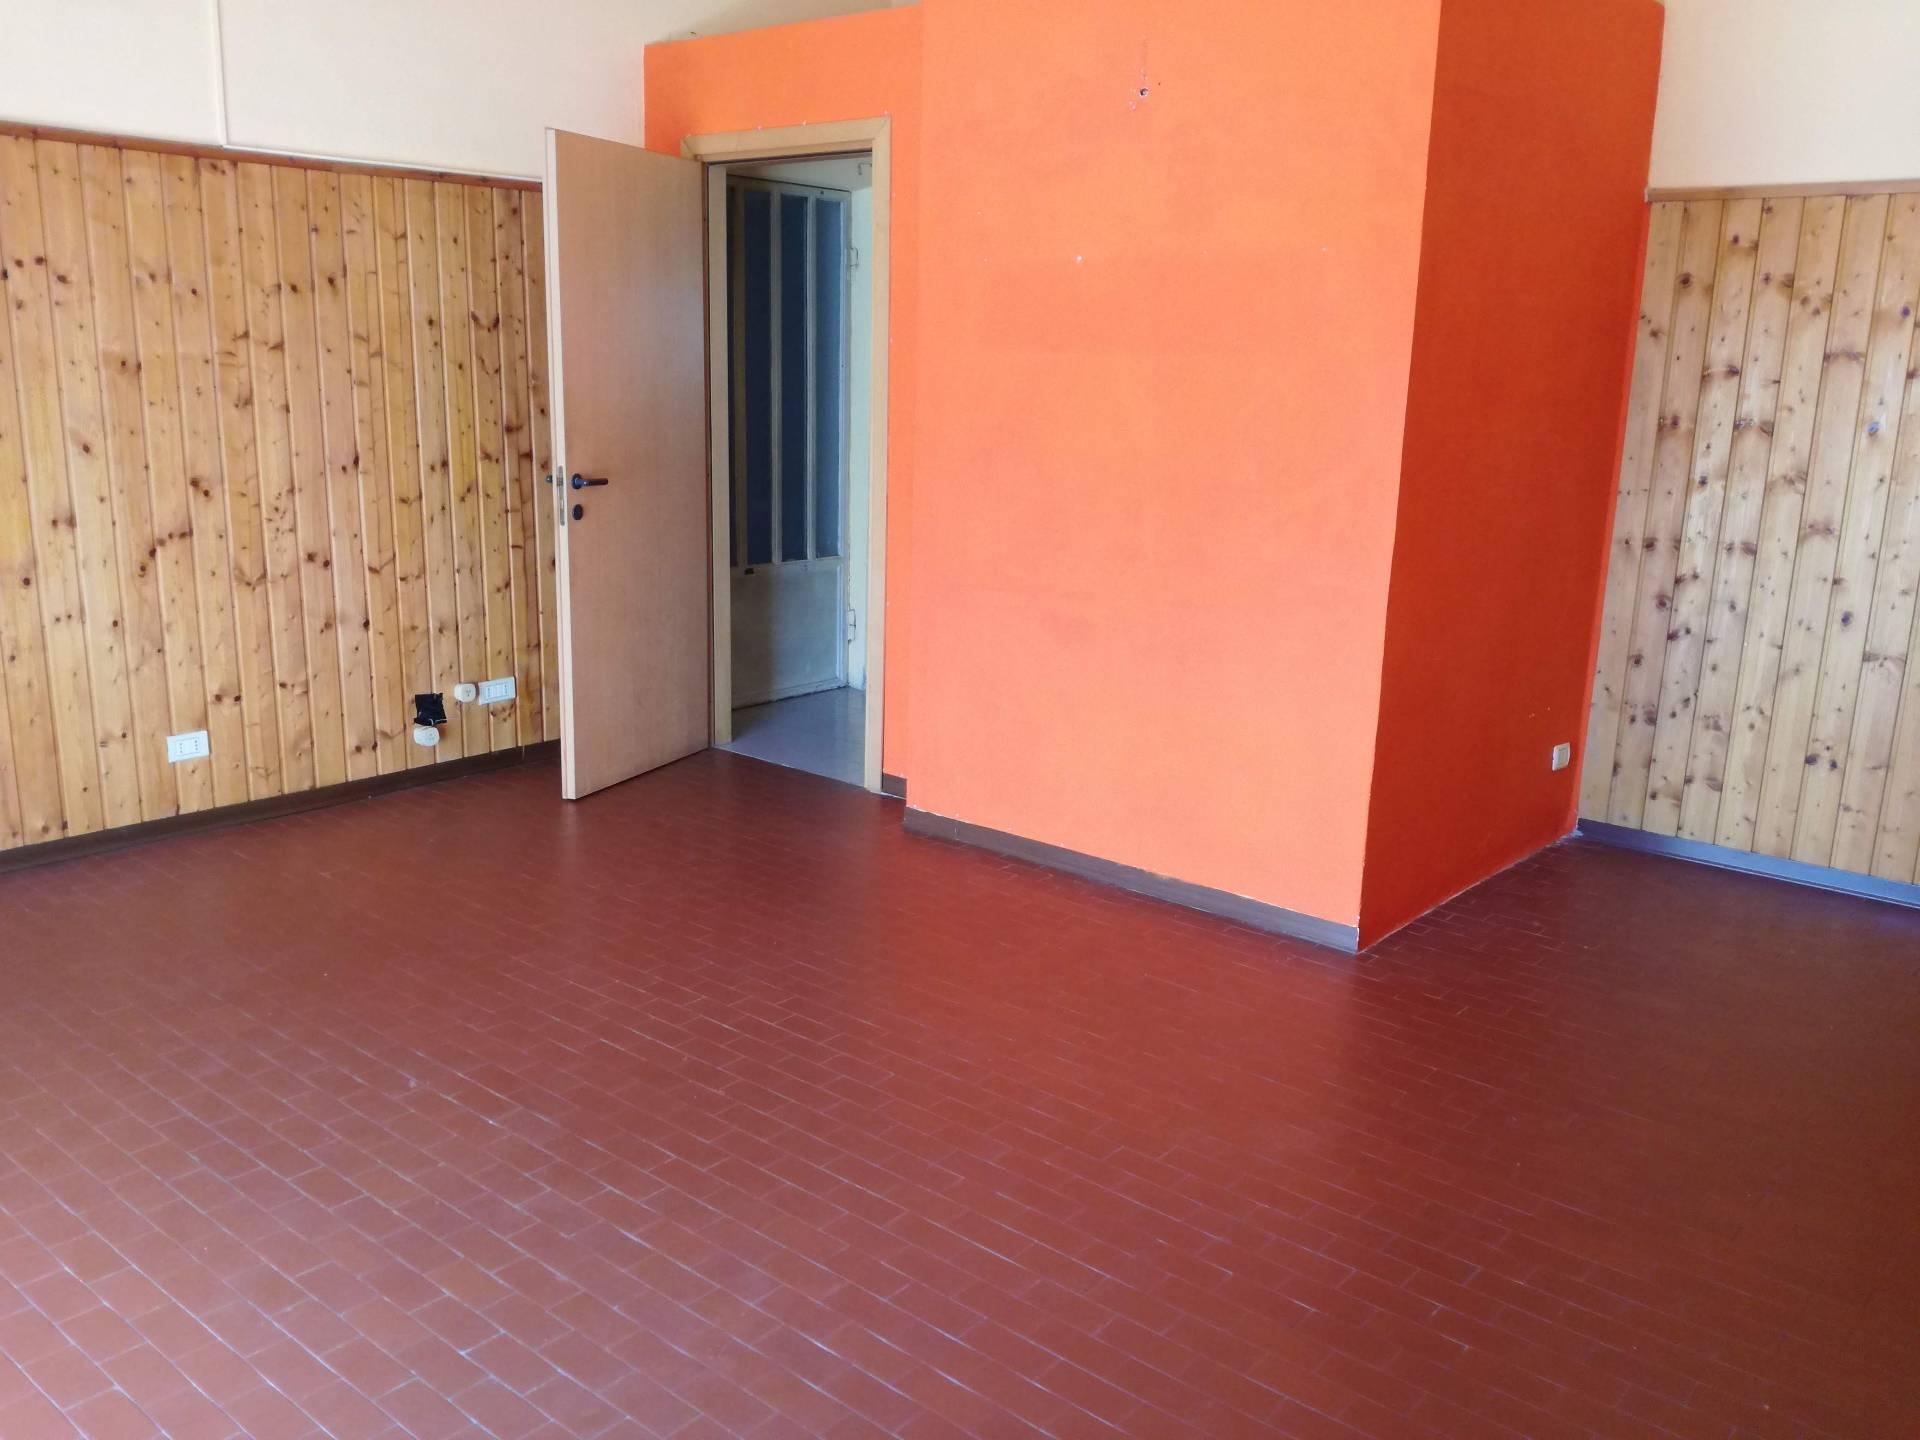 Negozio / Locale in affitto a Casale Monferrato, 9999 locali, prezzo € 300 | PortaleAgenzieImmobiliari.it